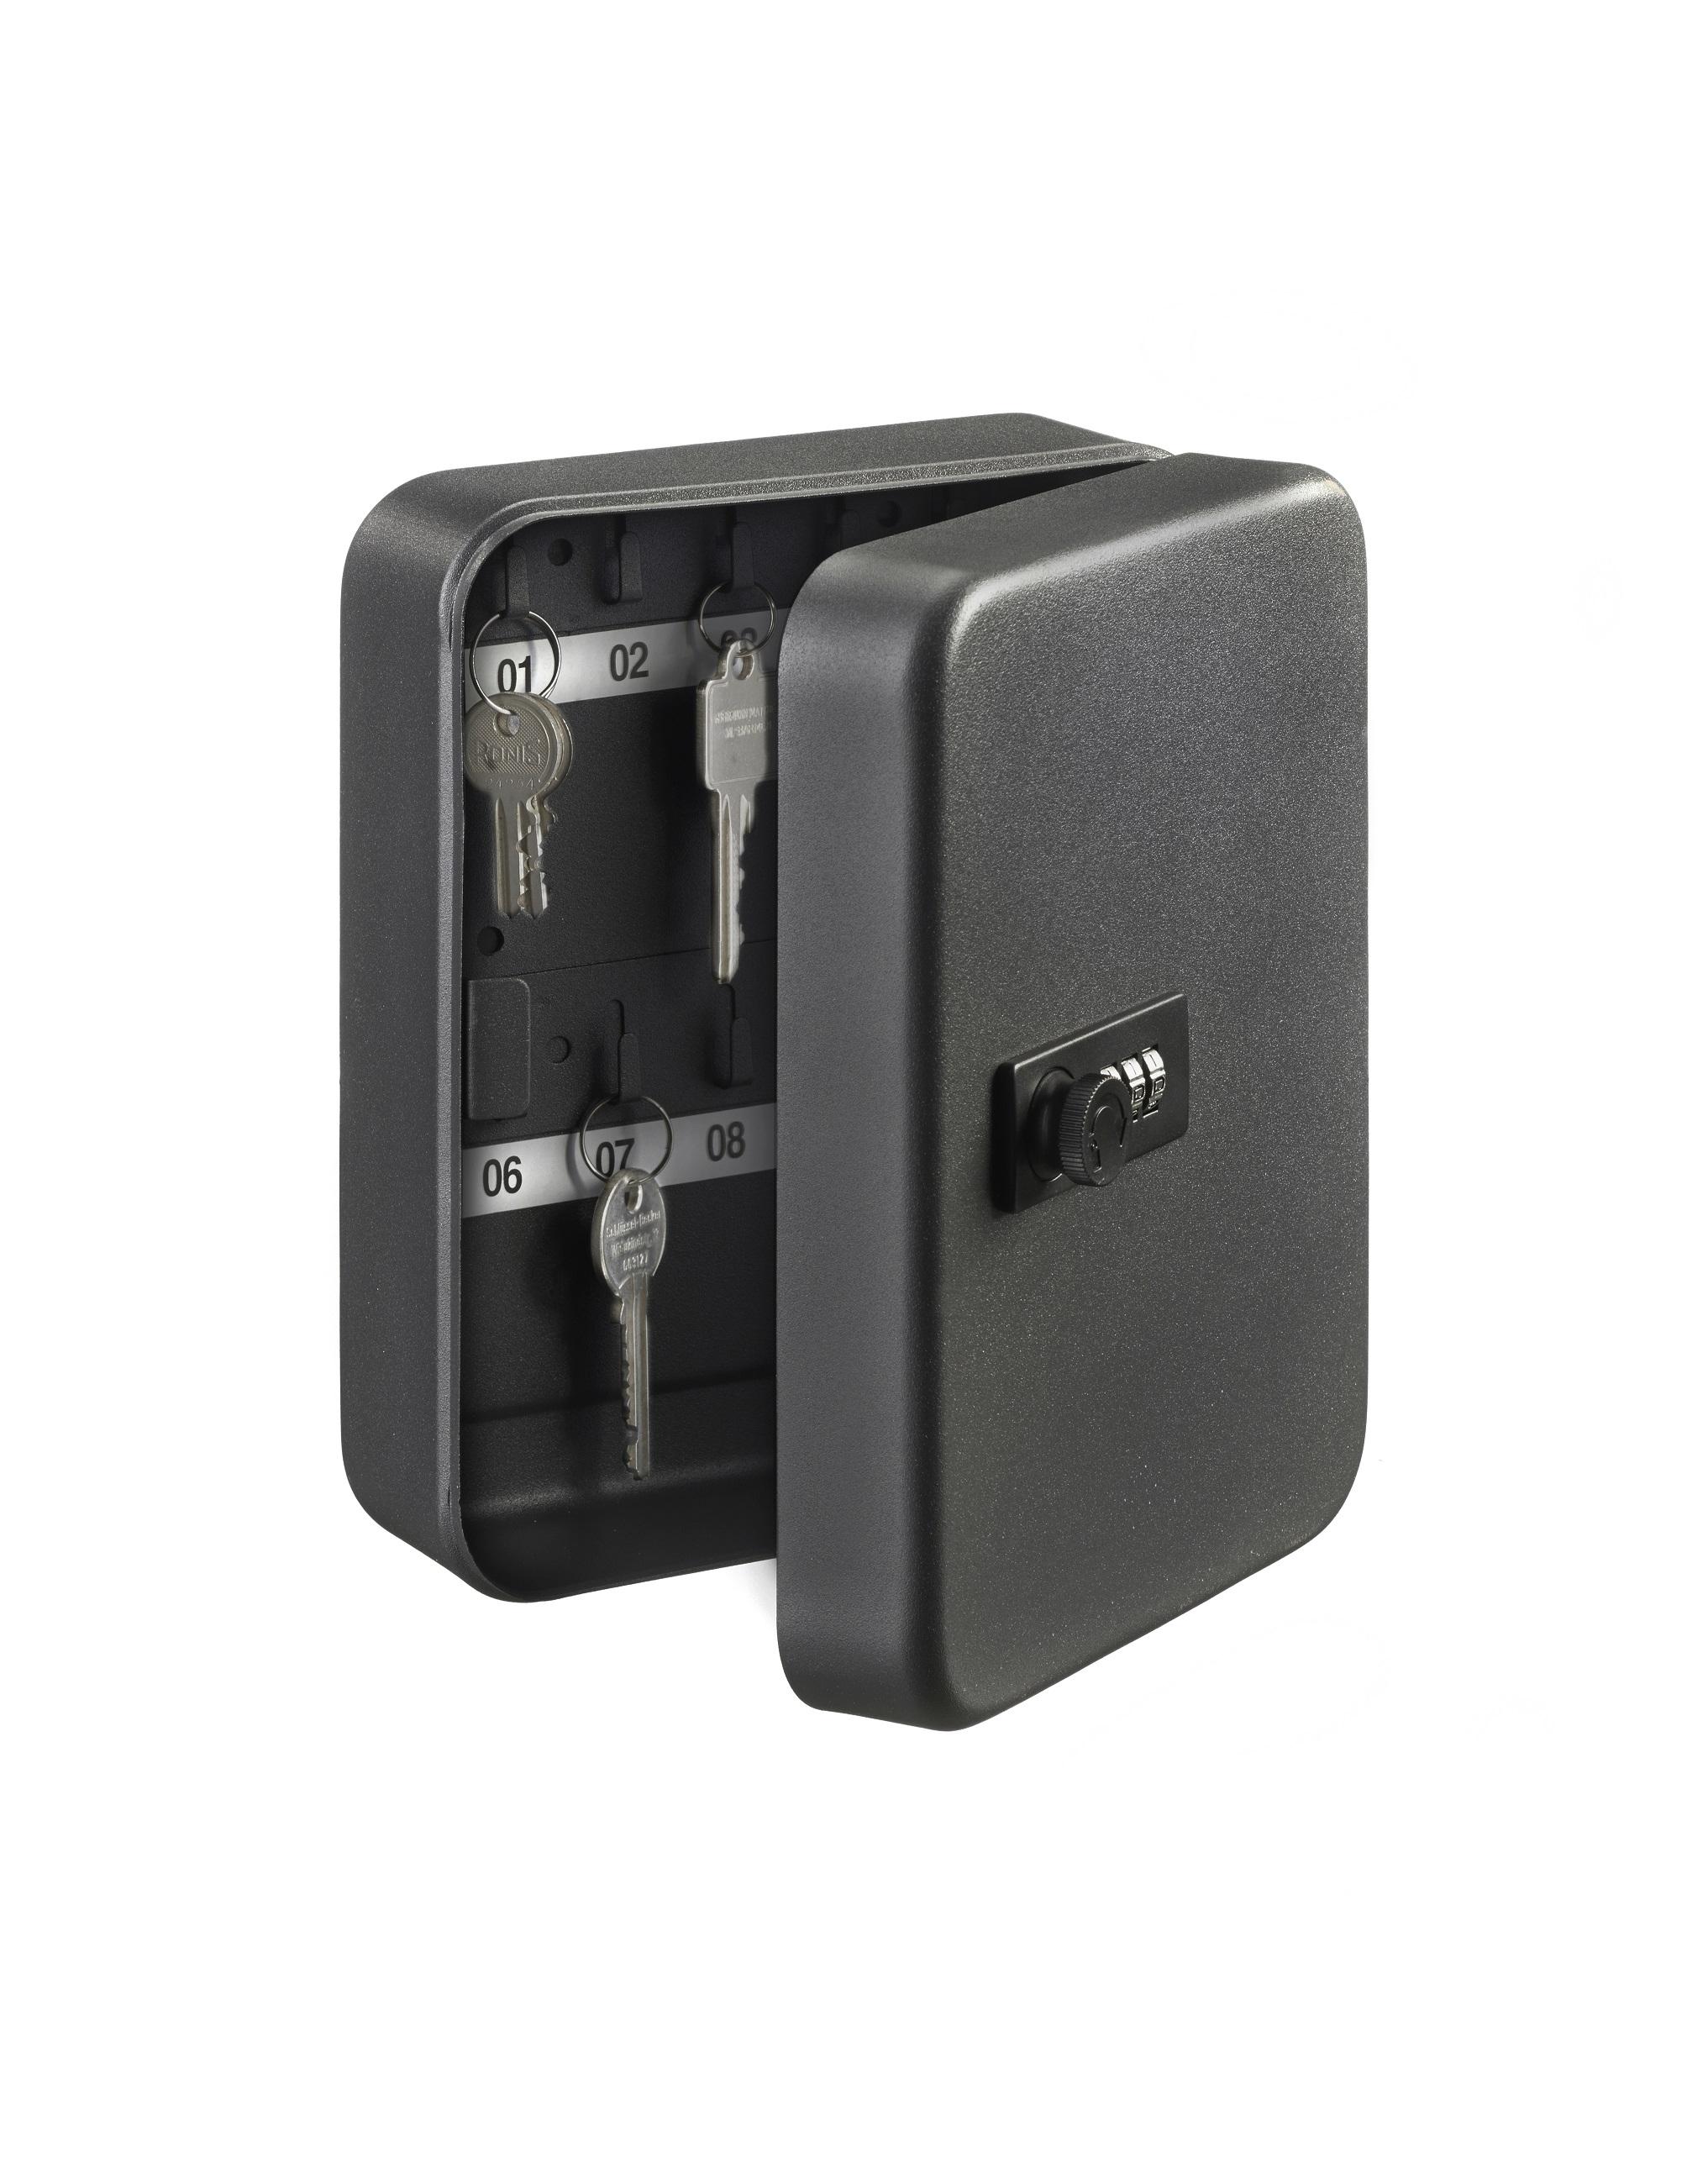 schl sselschrank kc 20 c schl sselbox schl sselkasten. Black Bedroom Furniture Sets. Home Design Ideas